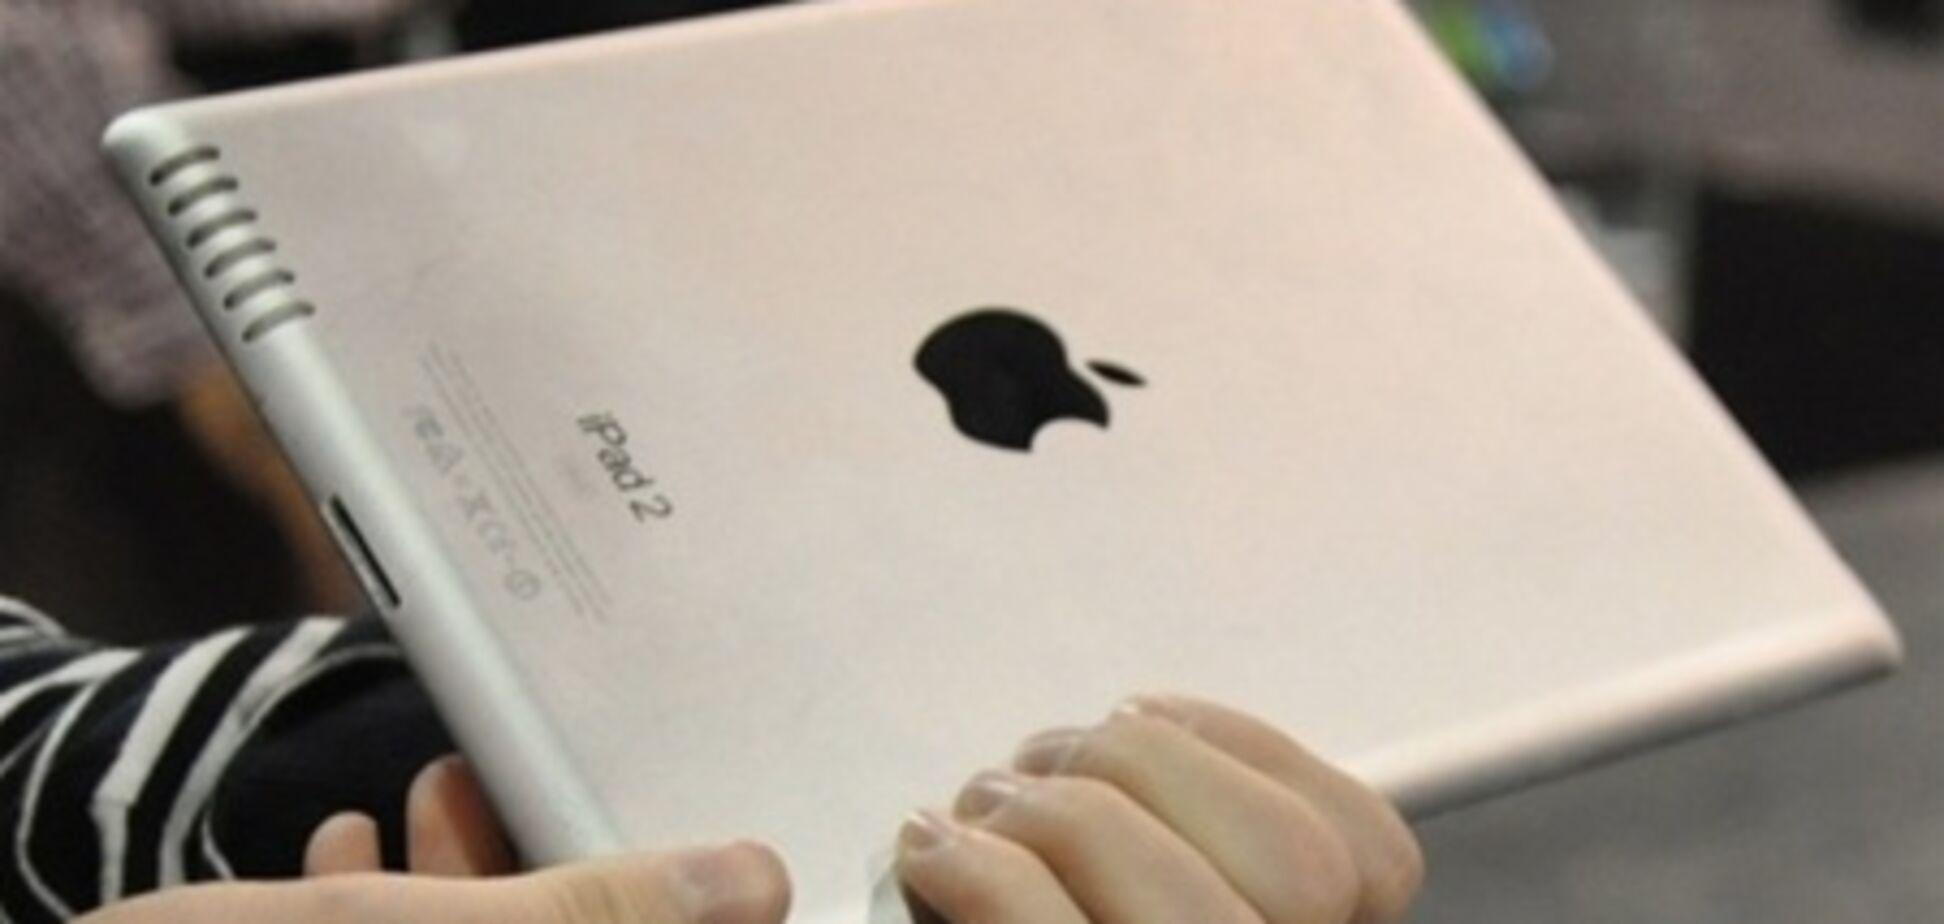 Харьковский горсовет купил себе сотню iPad по завышенной цене